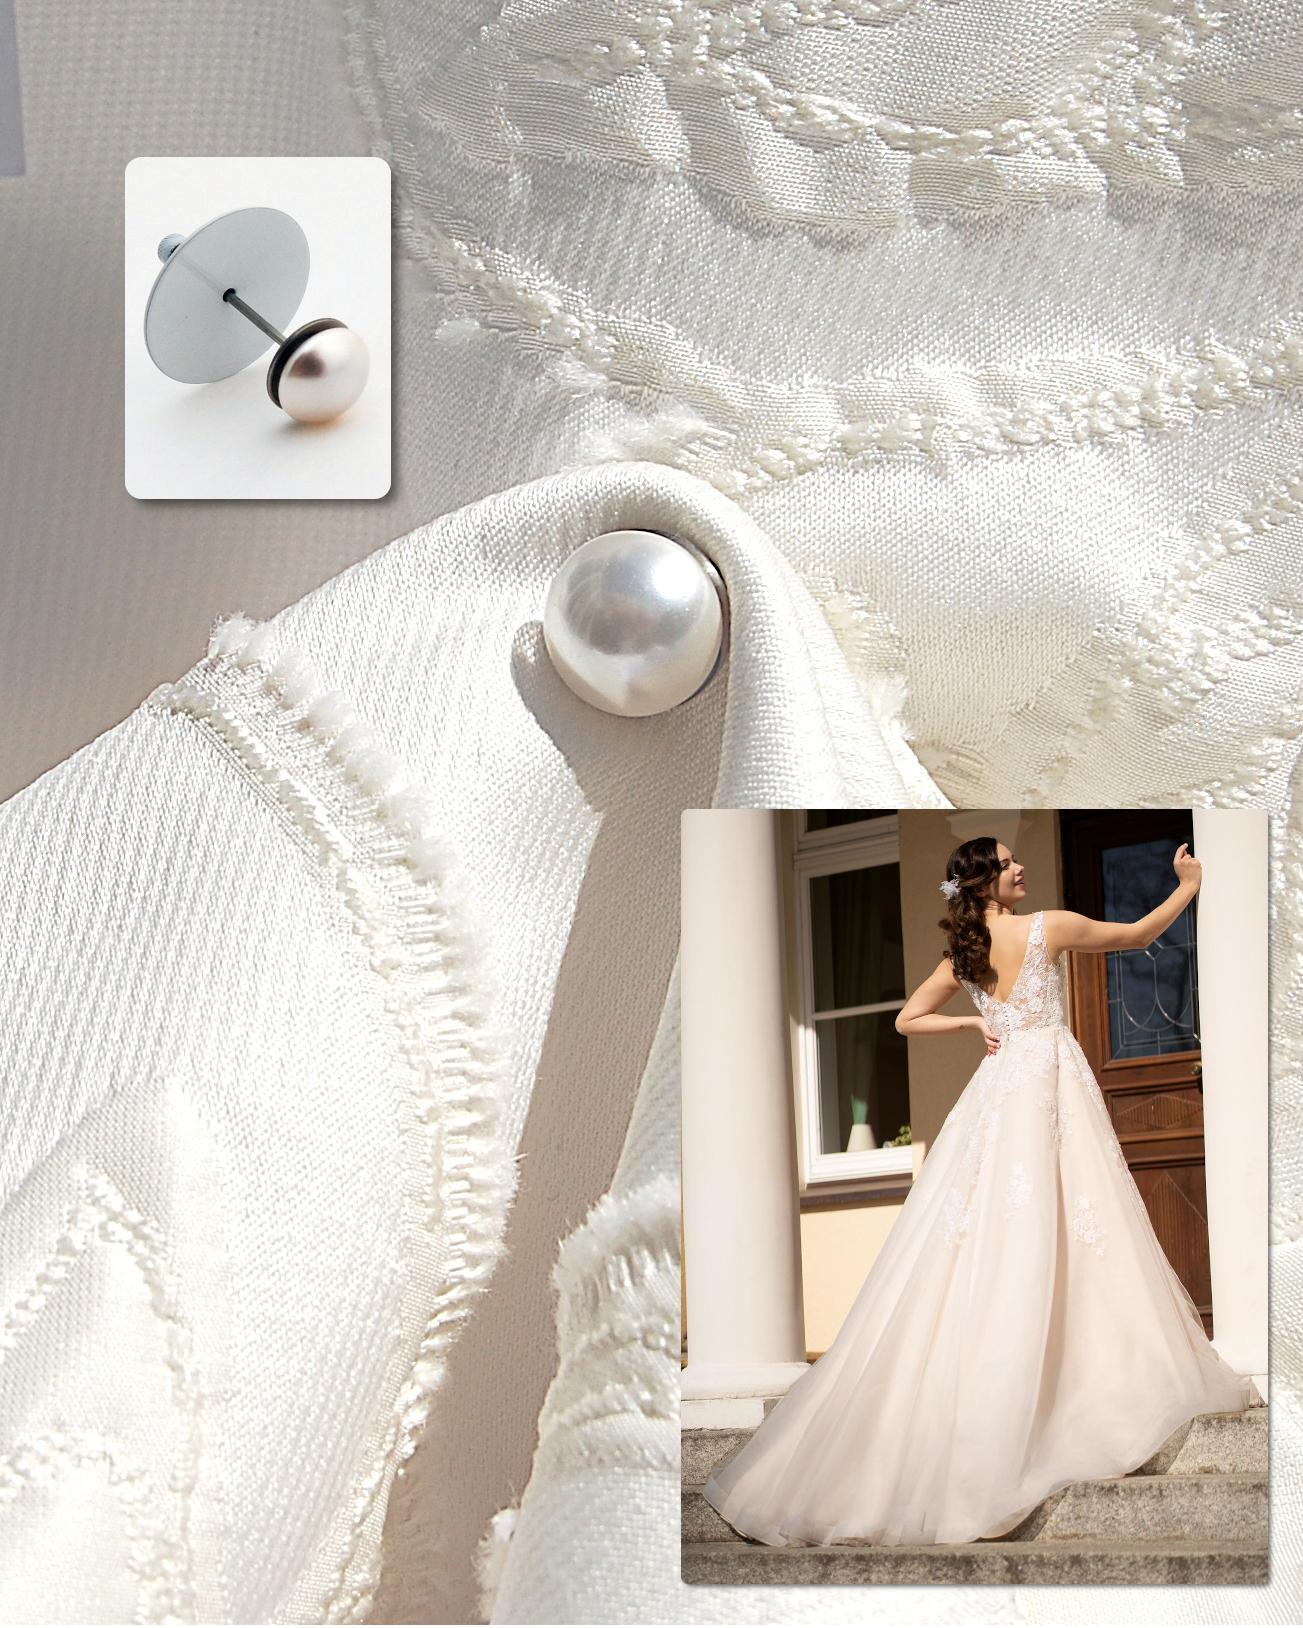 The Dress up, mit Perle, hält eine Schleppe hoch.